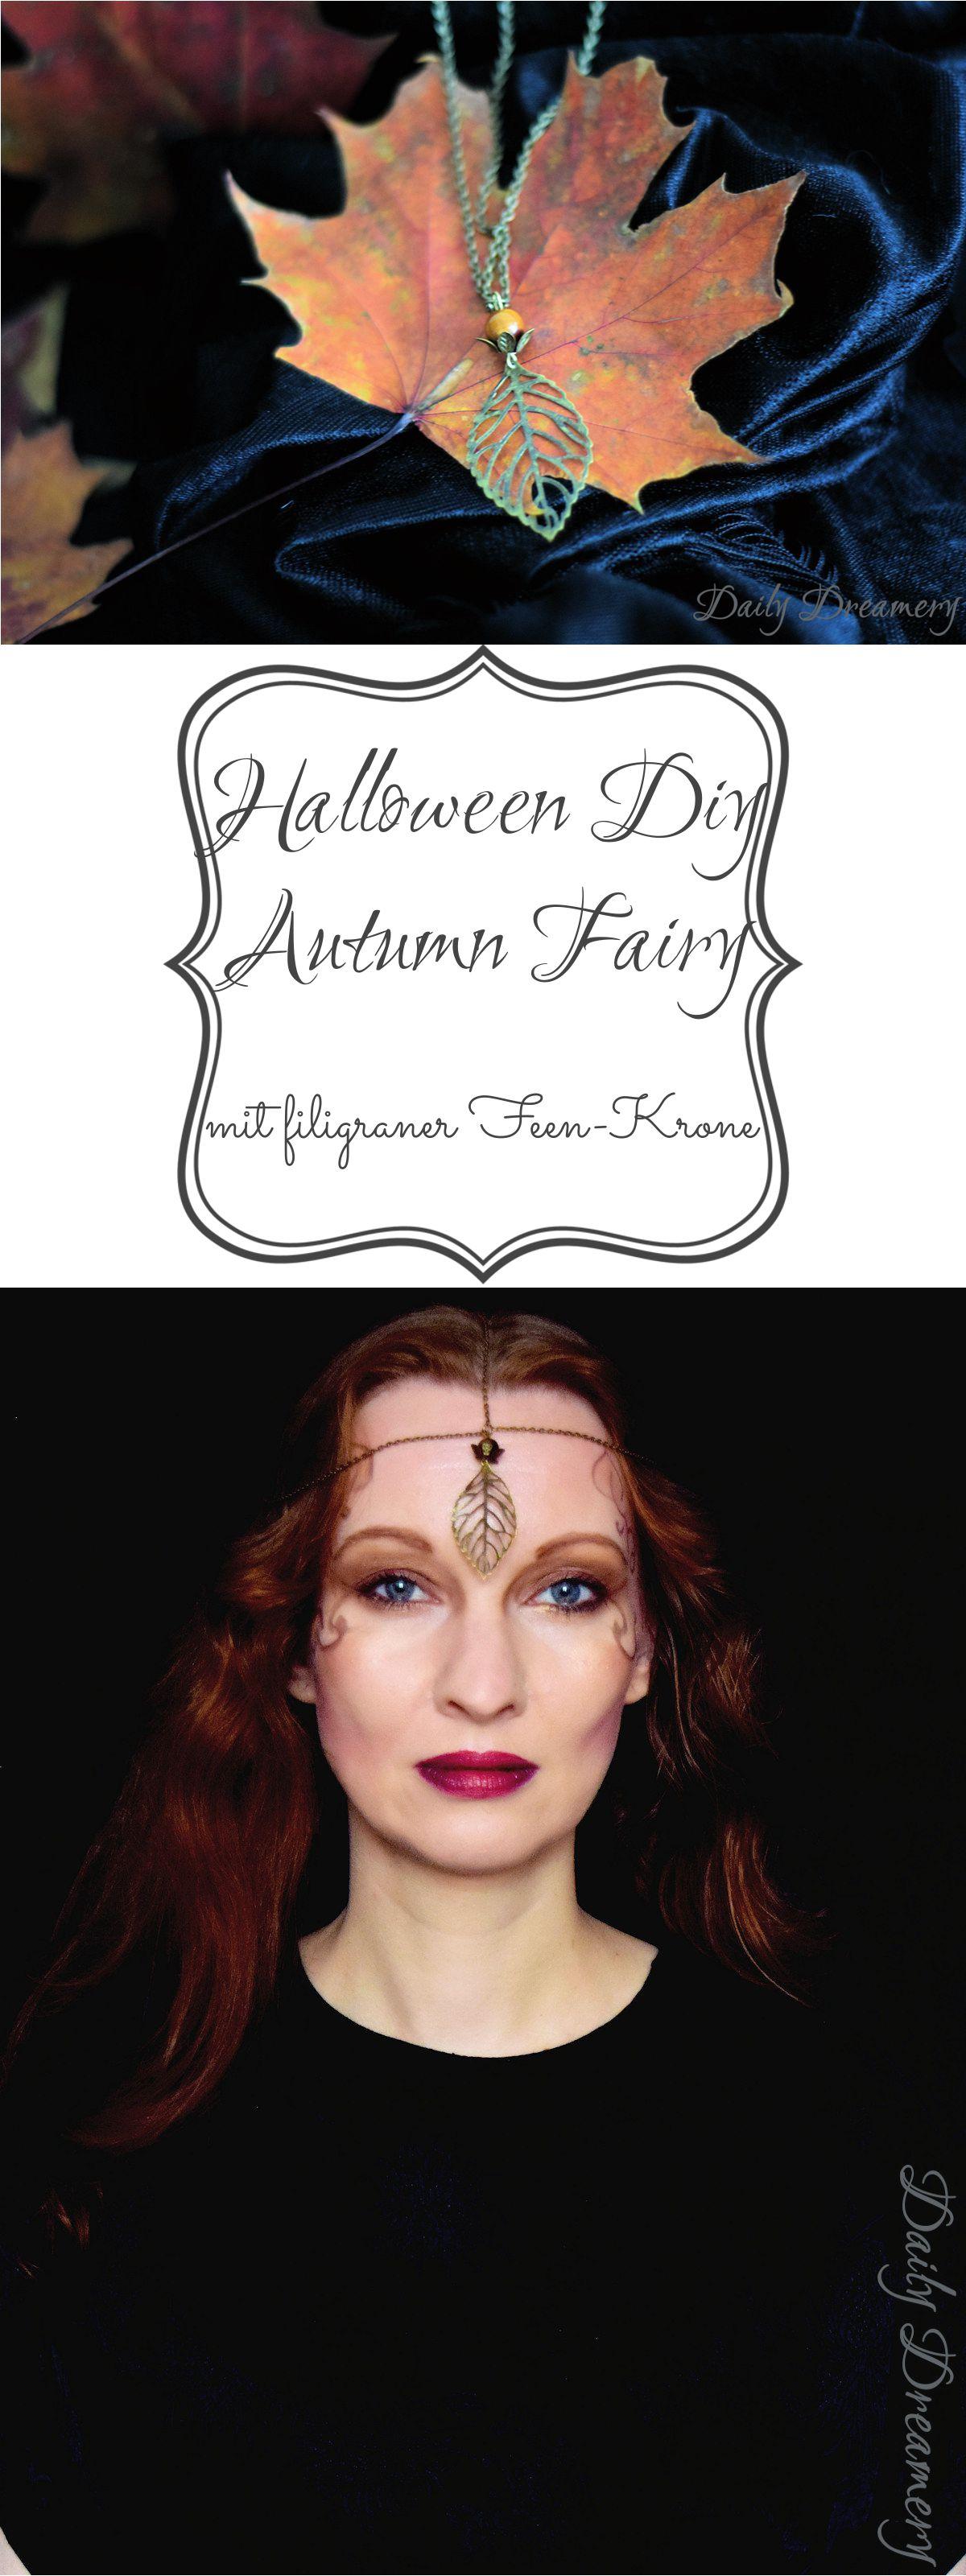 mystisch-eleganter Halloween-Look, ganz einfach zu schminken und mit zarter feenhafter DIY-Krone zum Nachmachen. Happy Halloween!